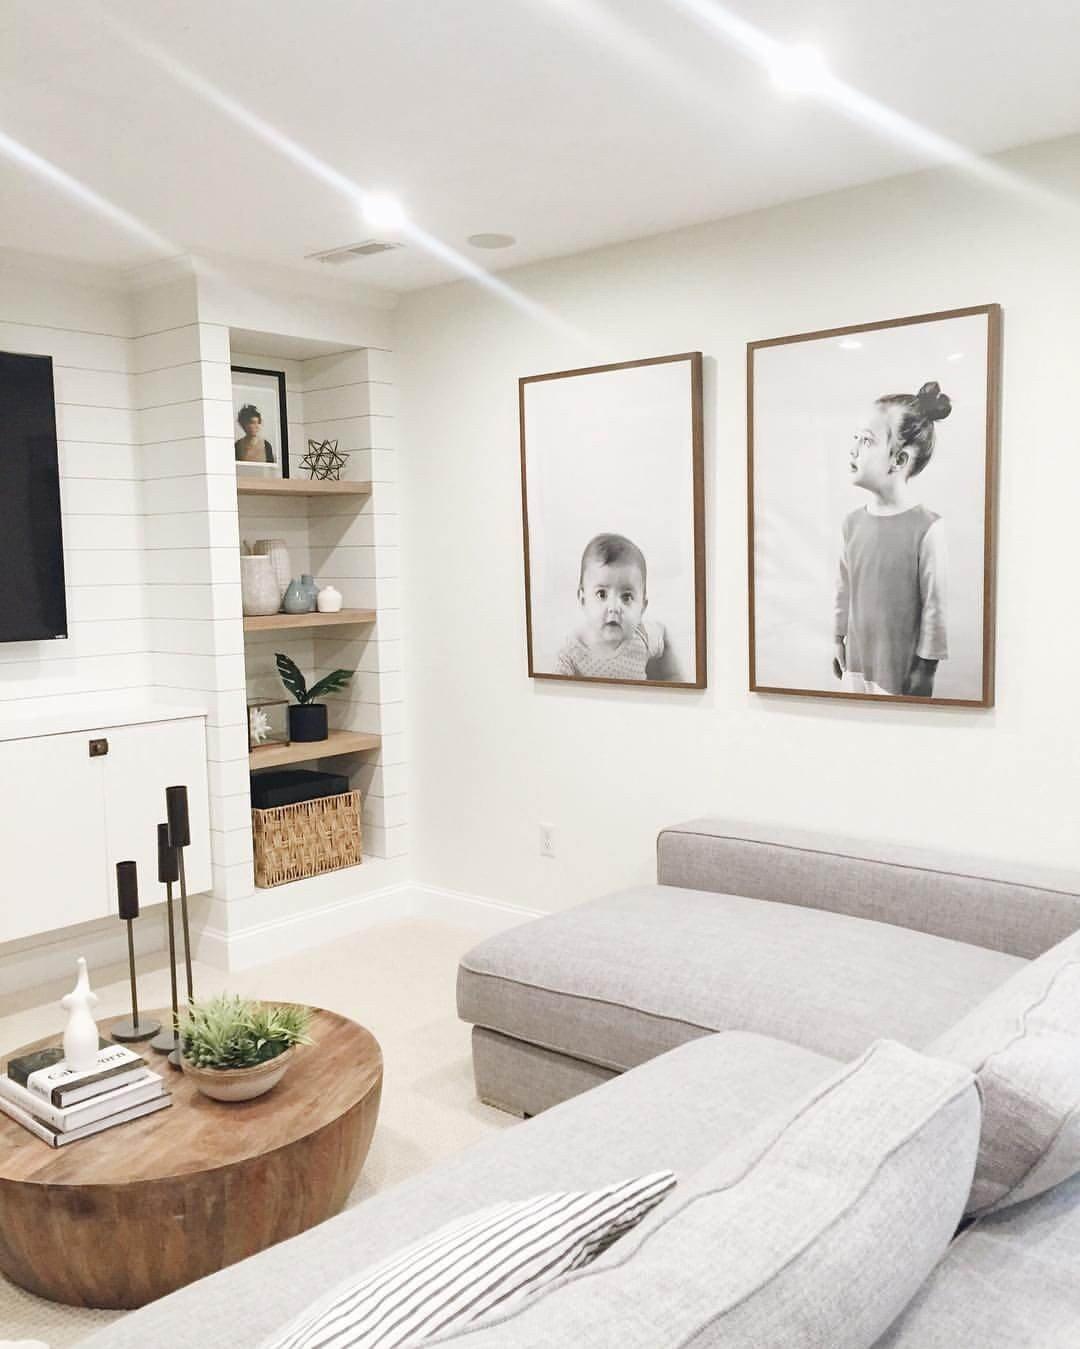 Modern Living Room Wall Decor Elegant 26 Best Modern Living Room Decorating Ideas and Designs for 2019